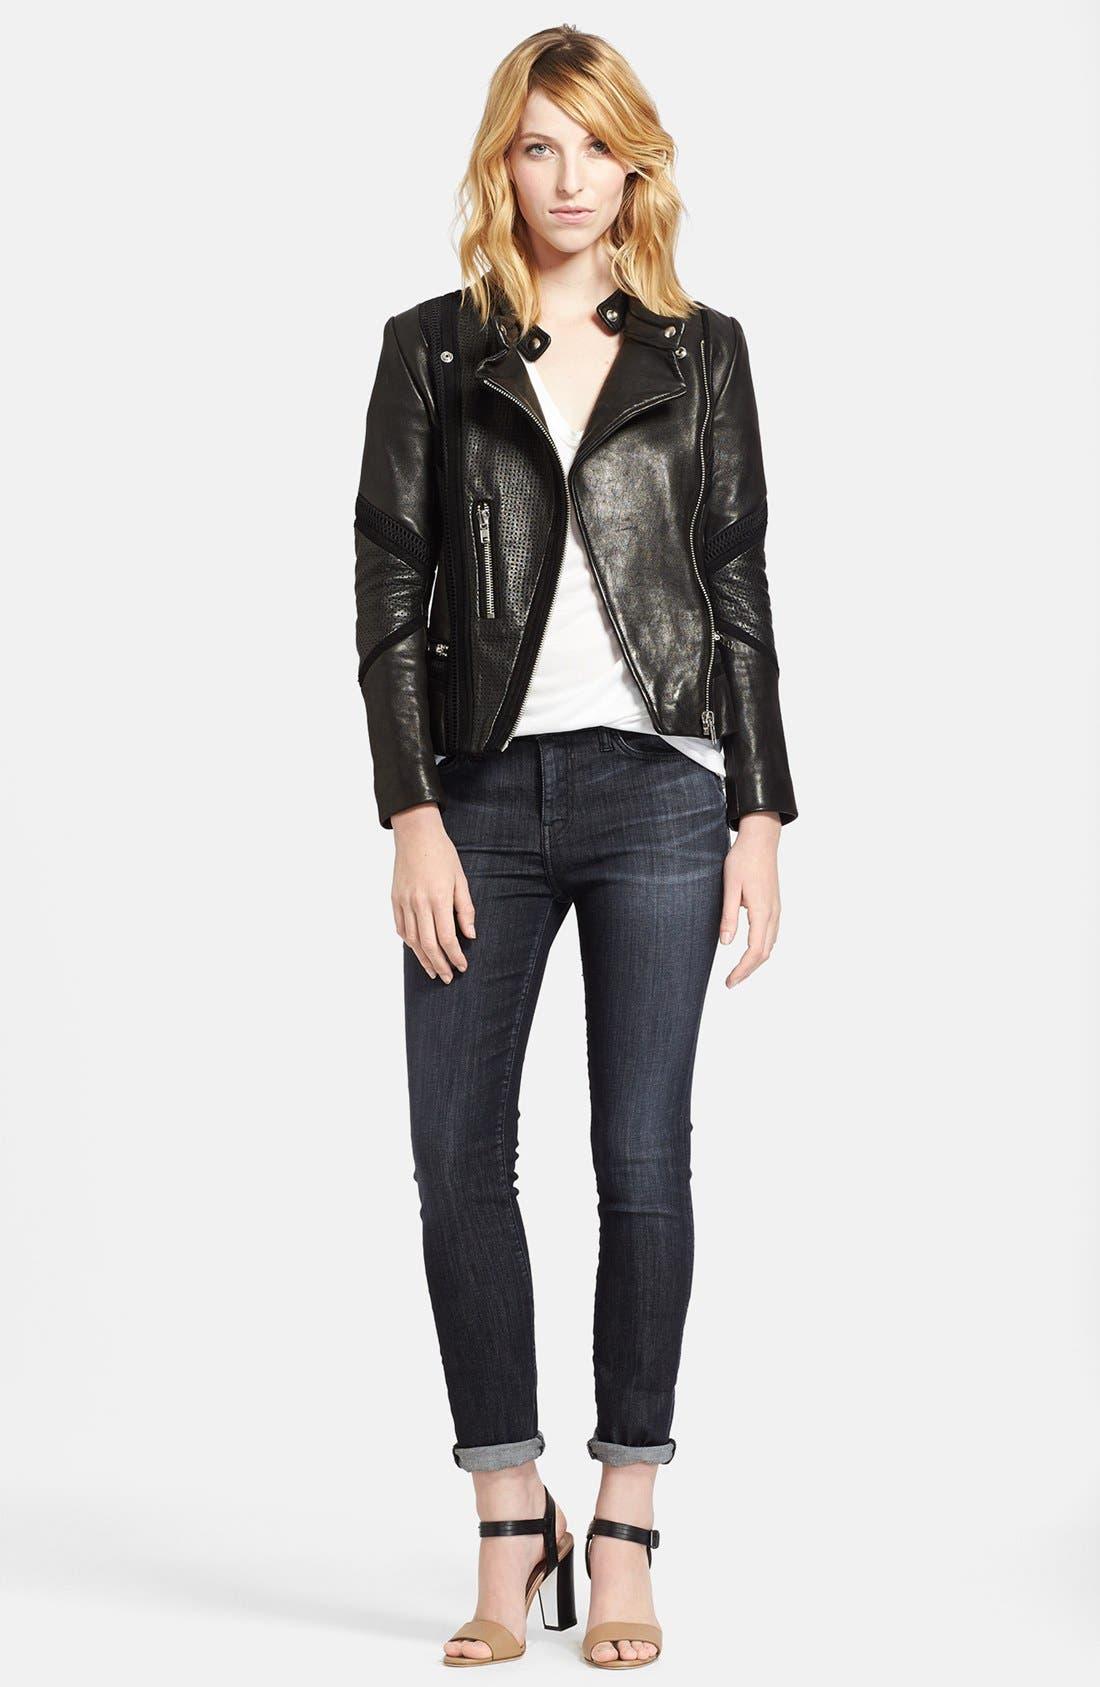 Alternate Image 1 Selected - IRO Leather Jacket, The Kooples Tee & Current/Elliott Skinny Jeans